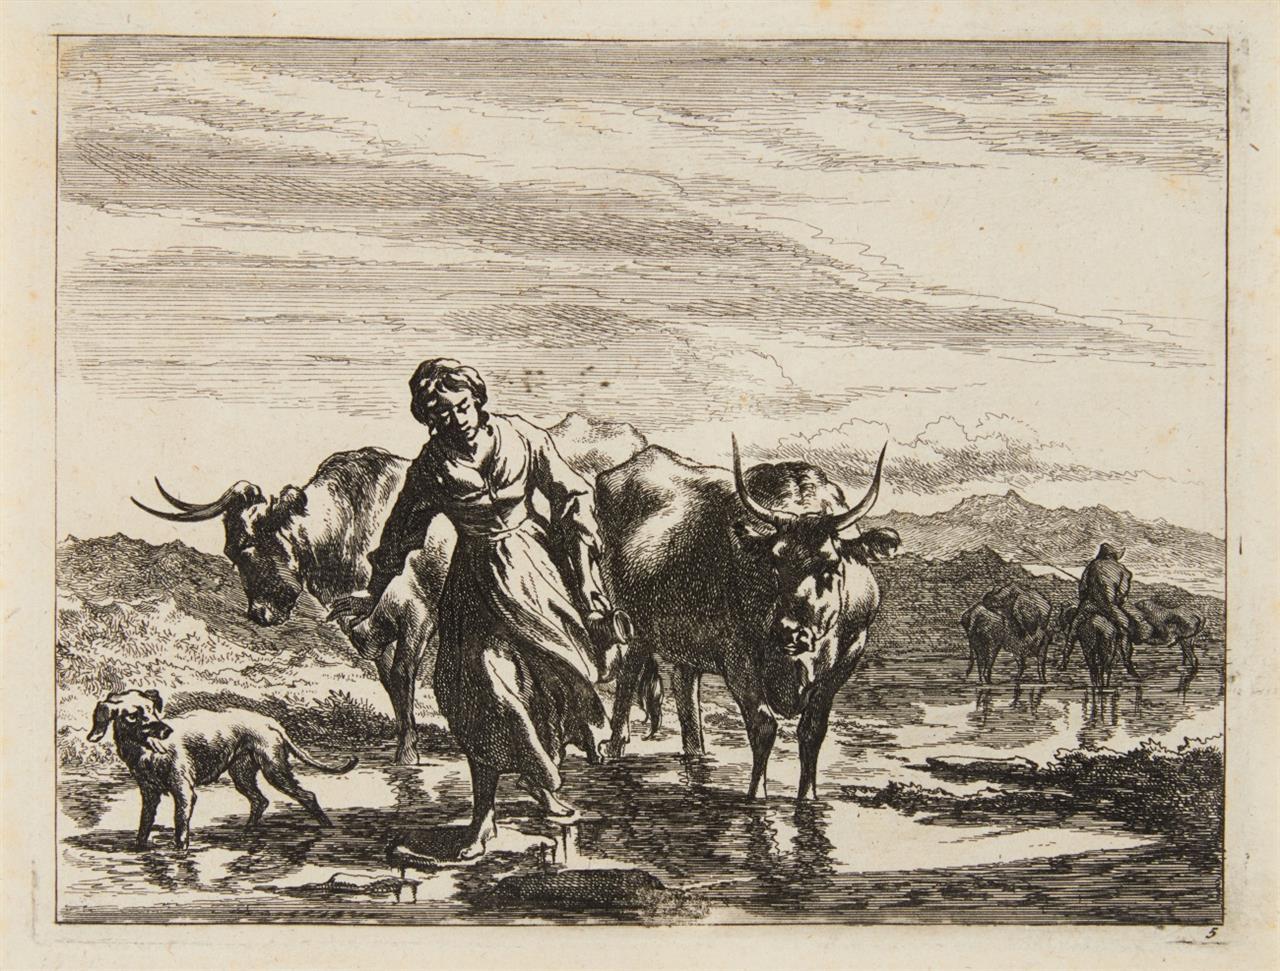 Johannes Visscher. Pastorale Landschaften. Folge von 6 Blatt Radierungen. H. 67 - 72.